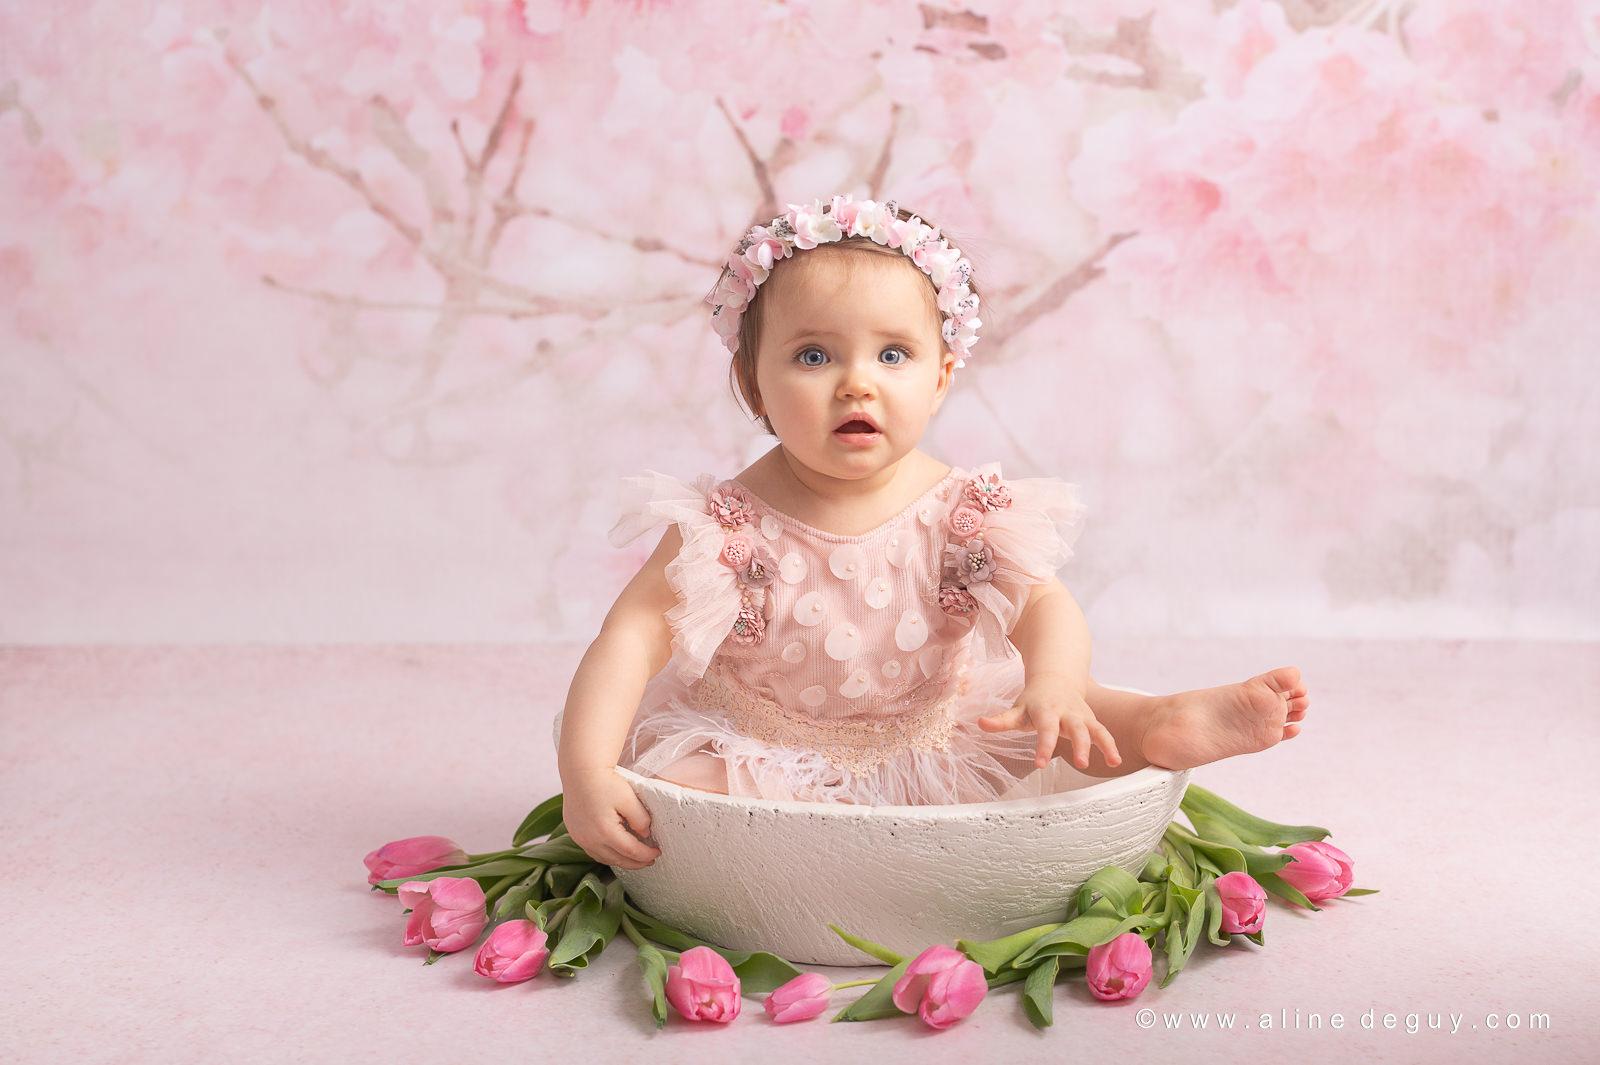 photographe bébé studio photo, prénom Jade, photographe bébé nanterre